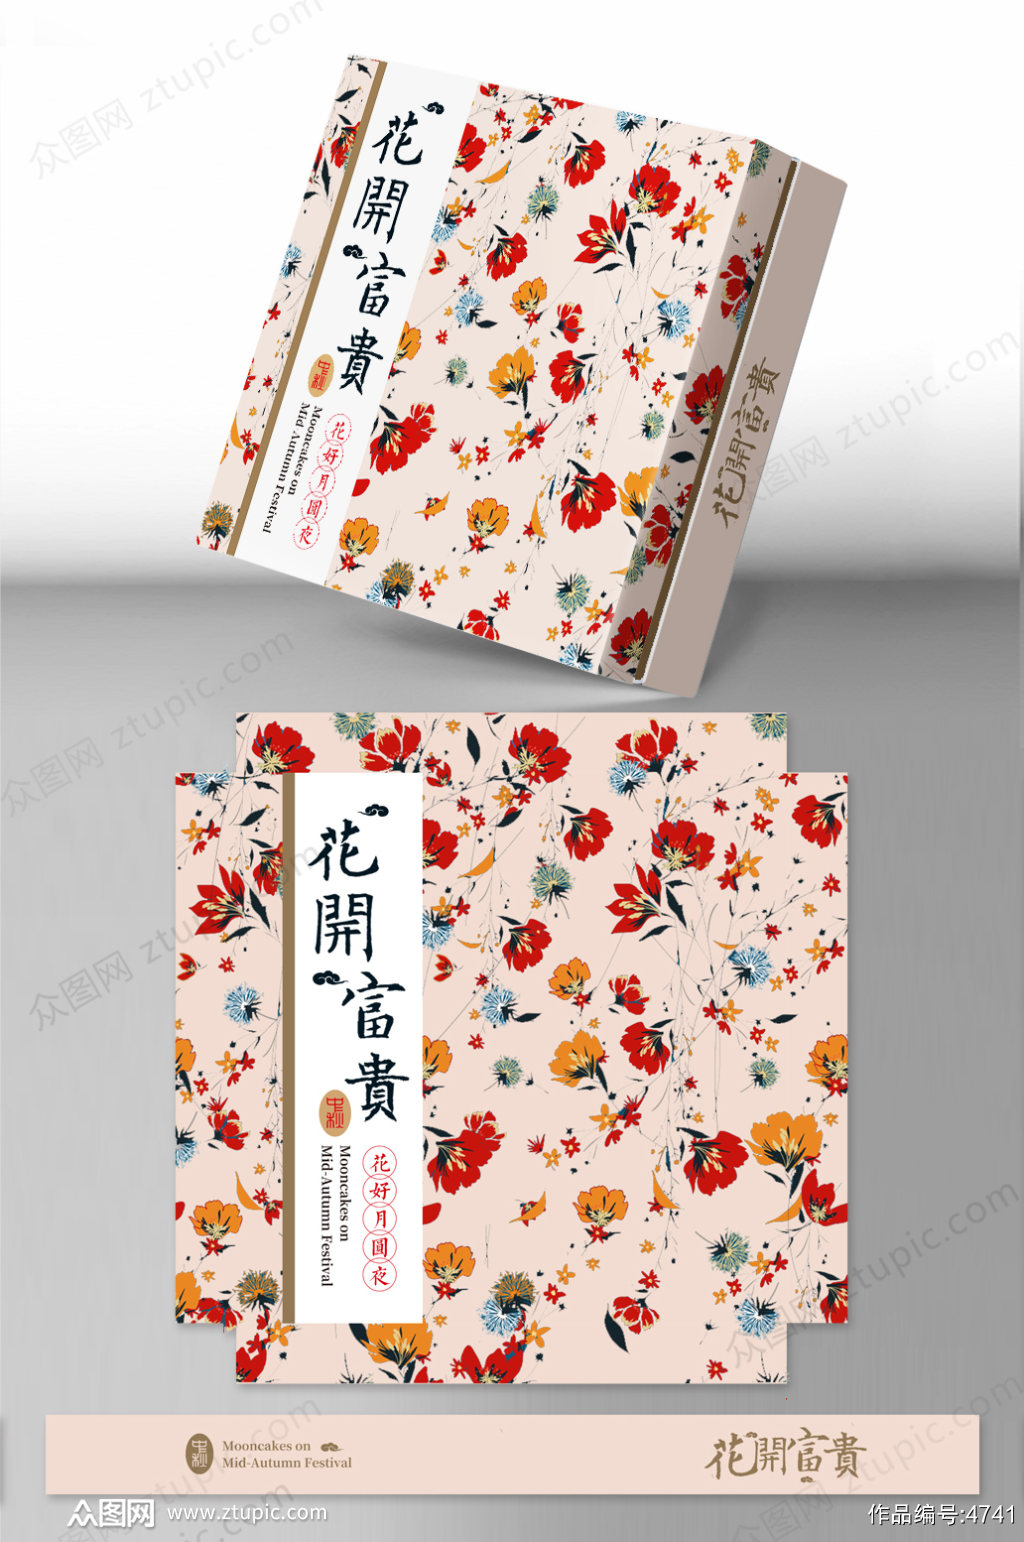 原创日韩时尚花纹中秋节月饼包装盒设计素材